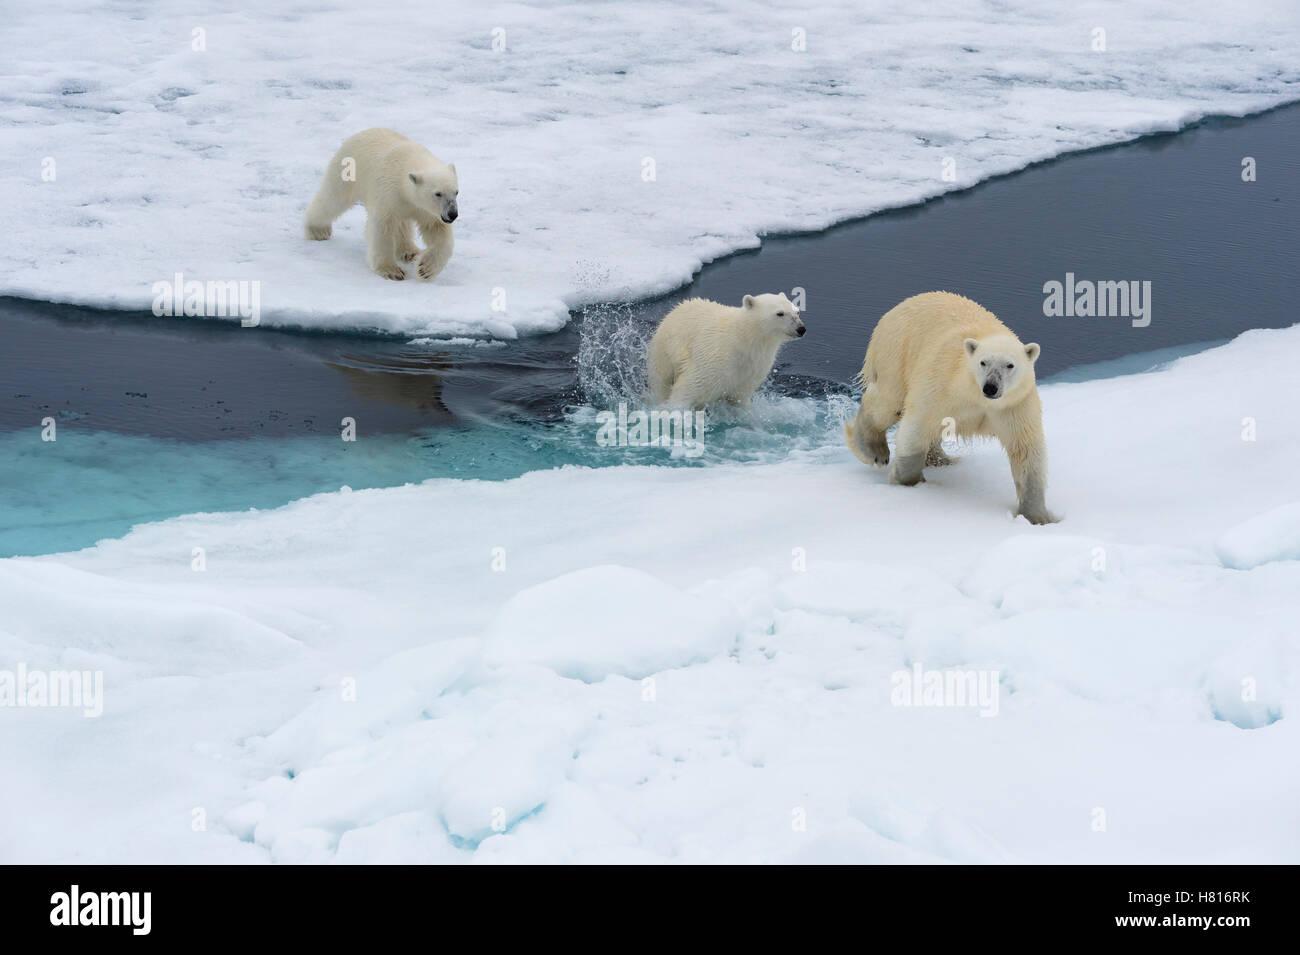 Mère ours polaire (Ursus maritimus) avec deux oursons natation et sautant par-dessus un banc de glace, l'archipel du Svalbard Banque D'Images